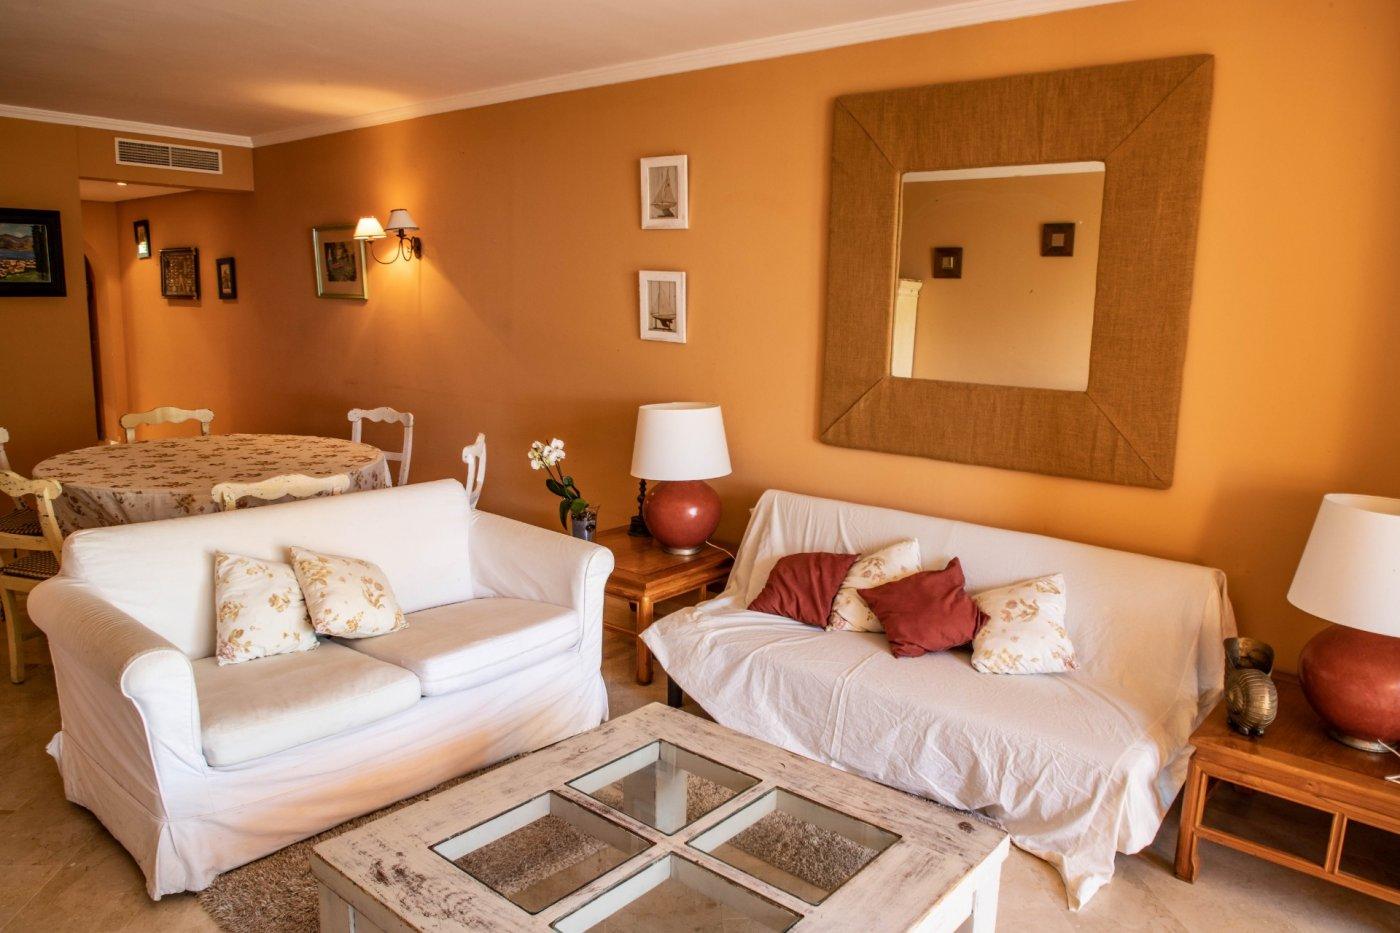 Oportunidad de comprar un precioso apartamento en santa ponsa a muy buen precio!! - imagenInmueble24